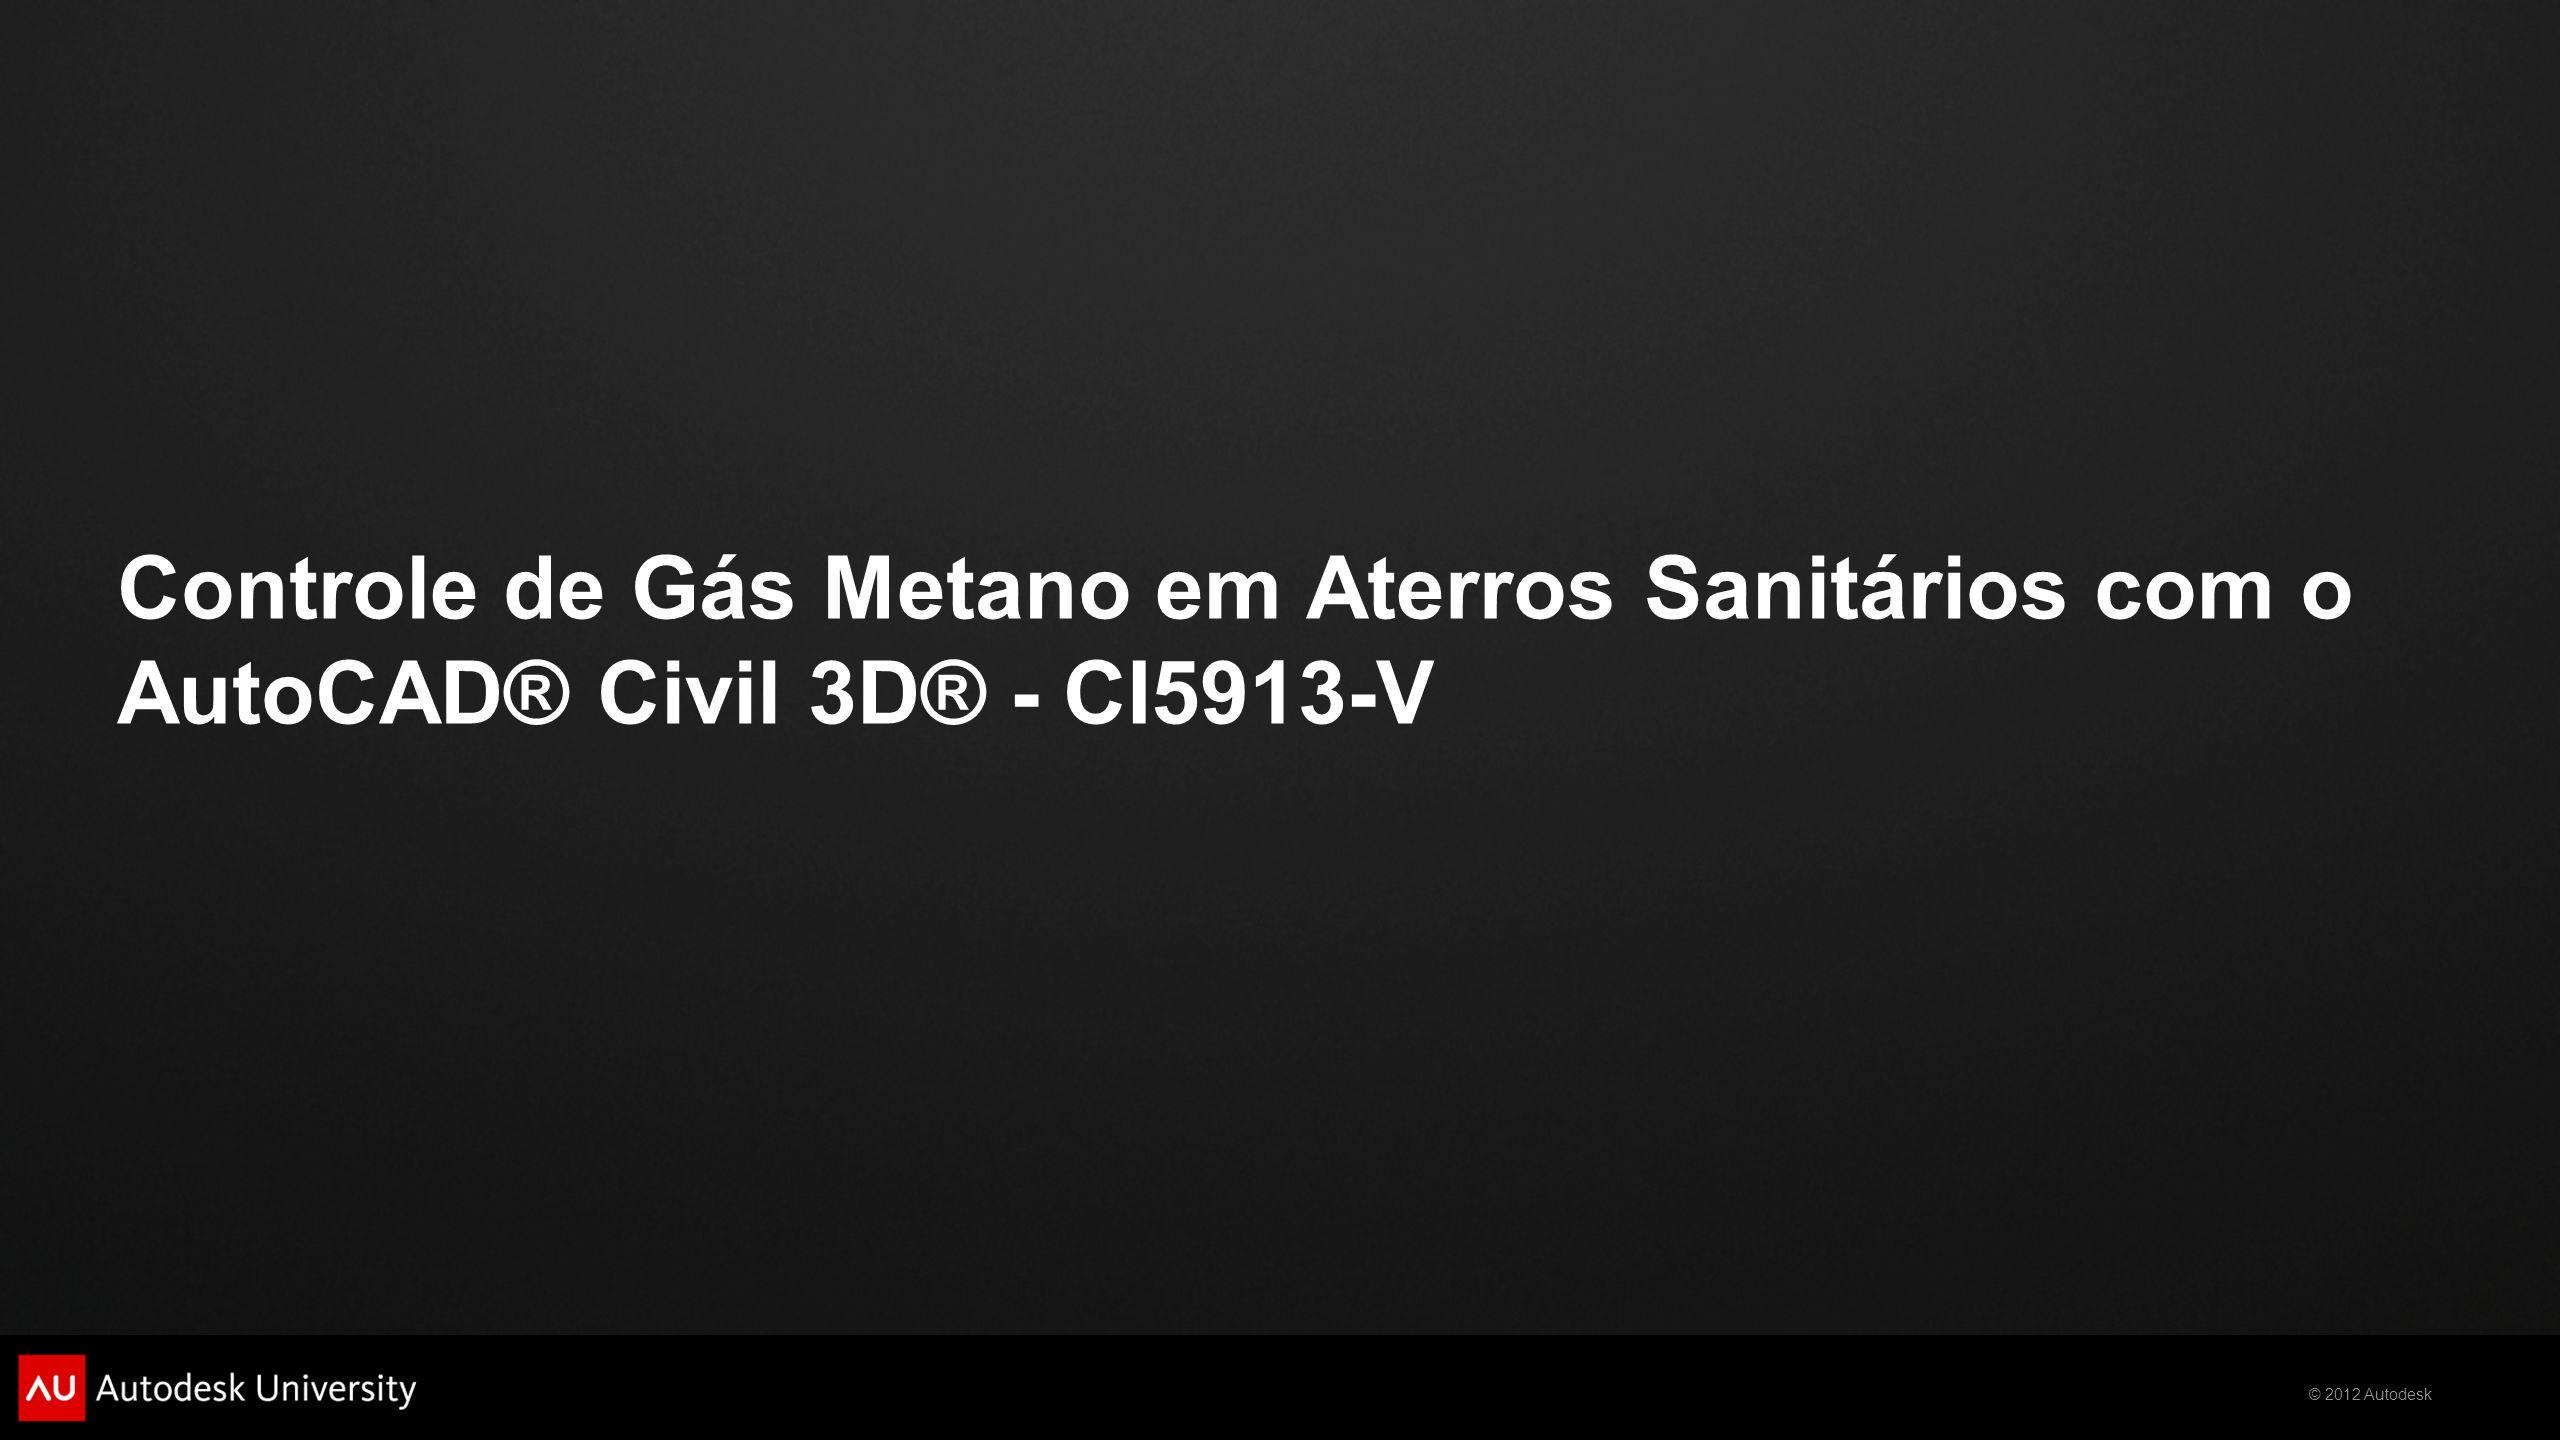 © 2012 Autodesk Controle de Gás Metano em Aterros Sanitários com o AutoCAD® Civil 3D® - CI5913-V